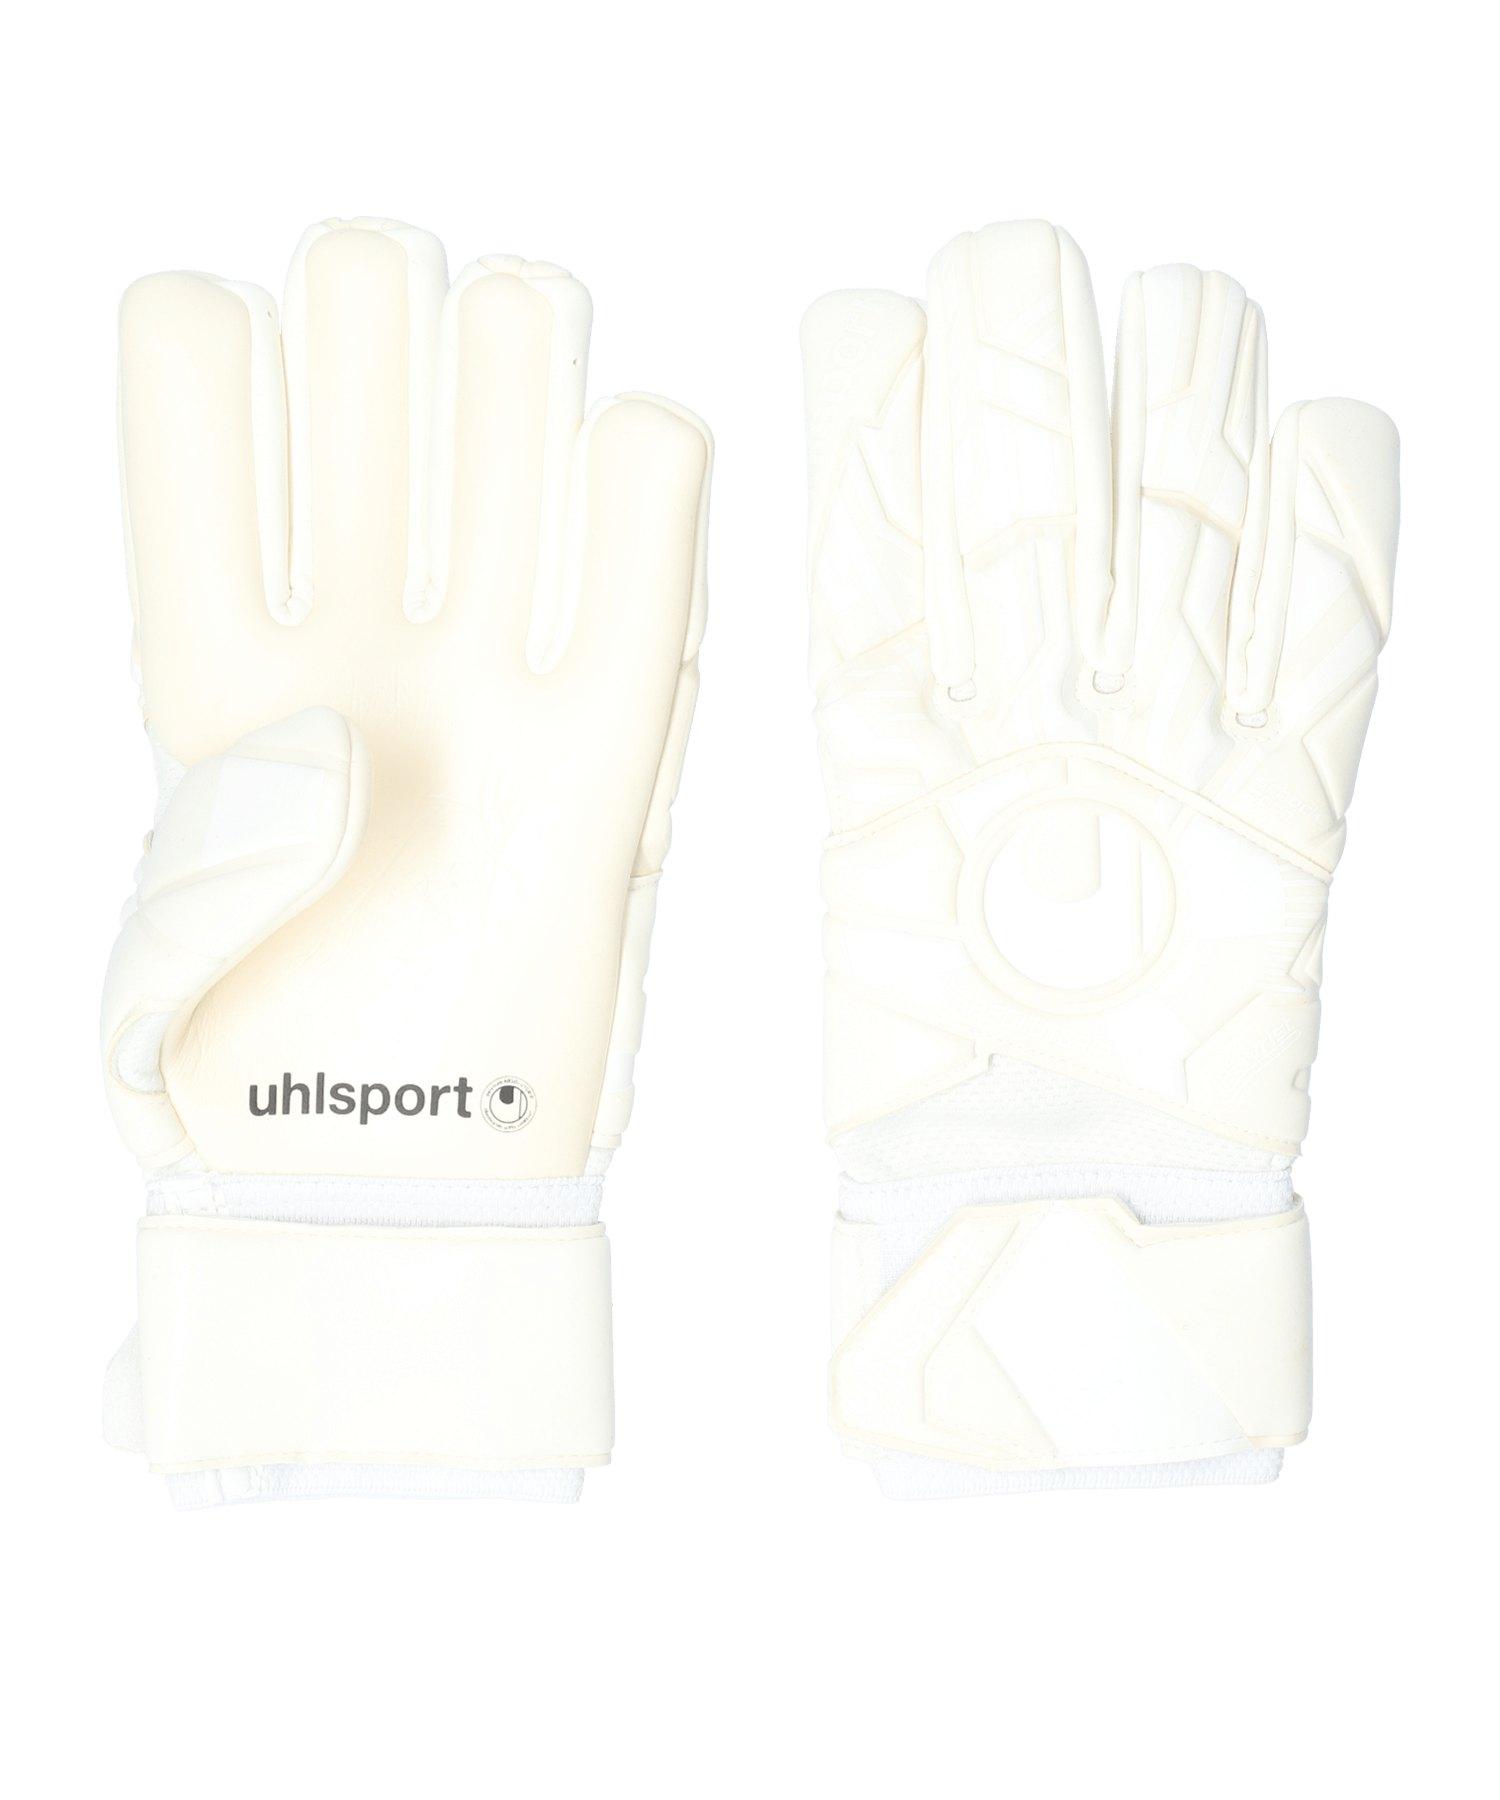 Uhlsport Comfort AG HN TW-Handschuh Weiss F285 - weiss